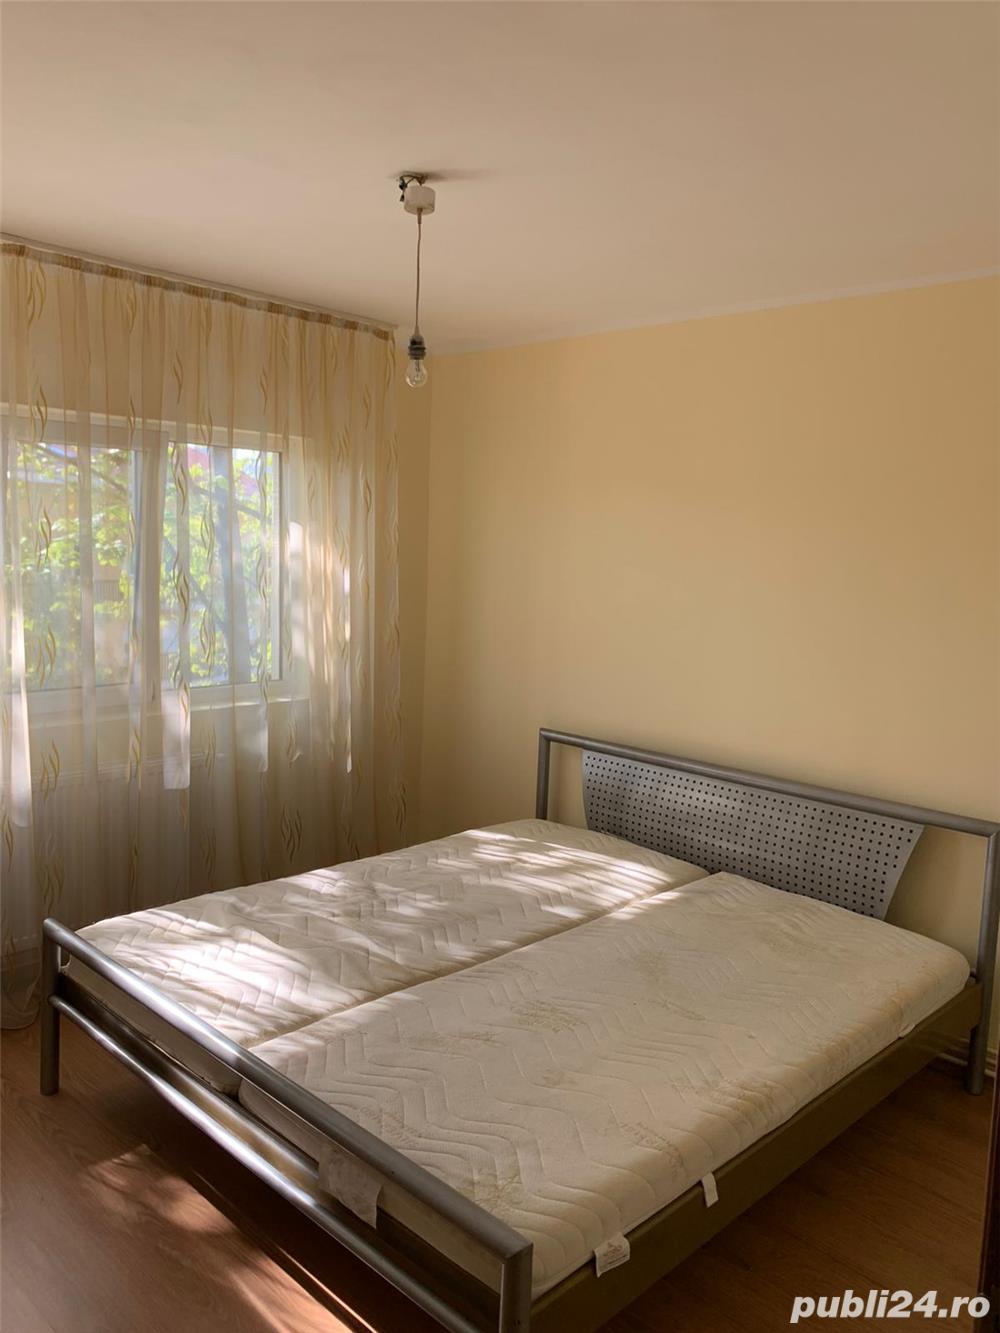 Proprietar inchiriez apartament complet renovat, zona Aradului